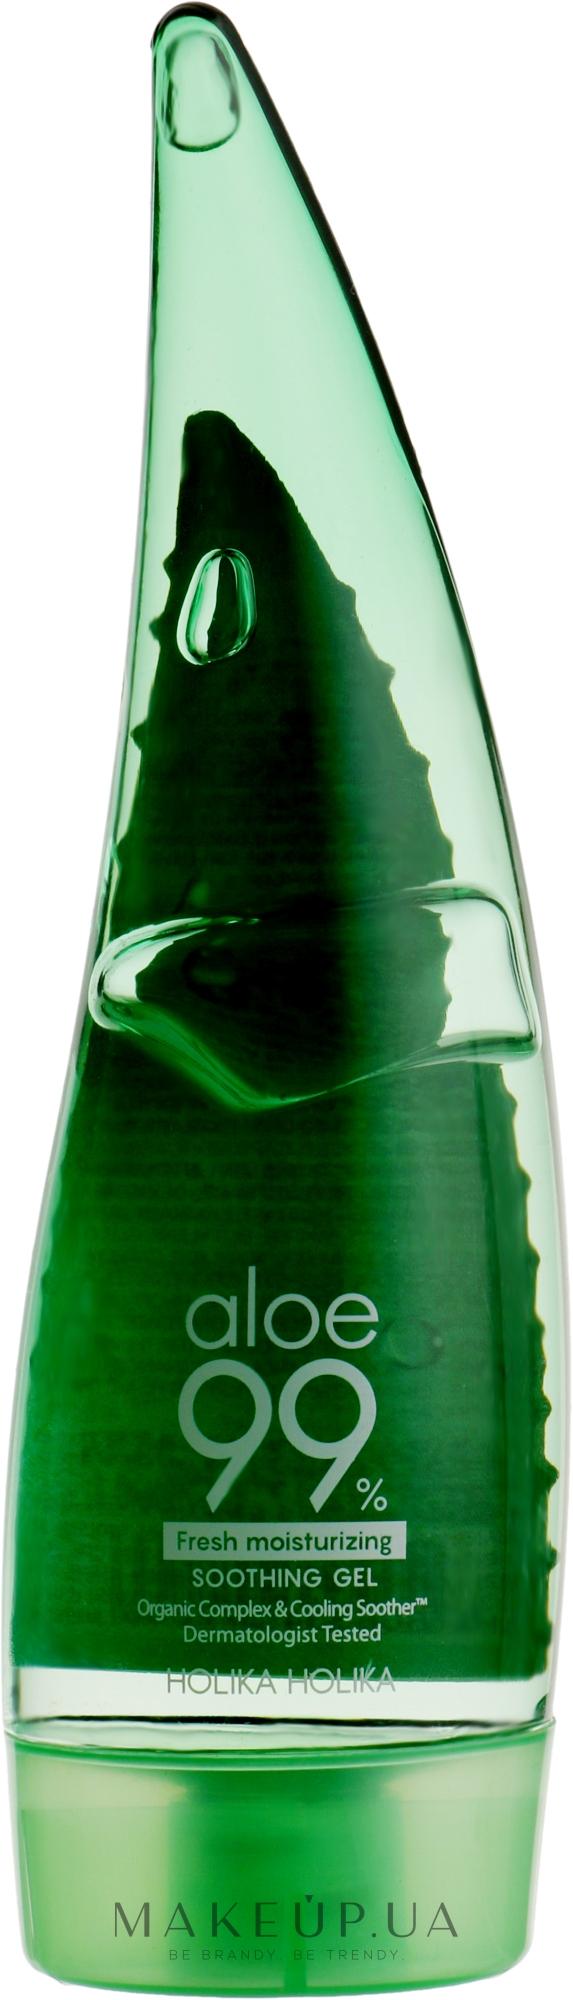 Успокаивающий и увлажняющий гель с алоэ - Holika Holika Aloe 99% Soothing Gel — фото 55ml